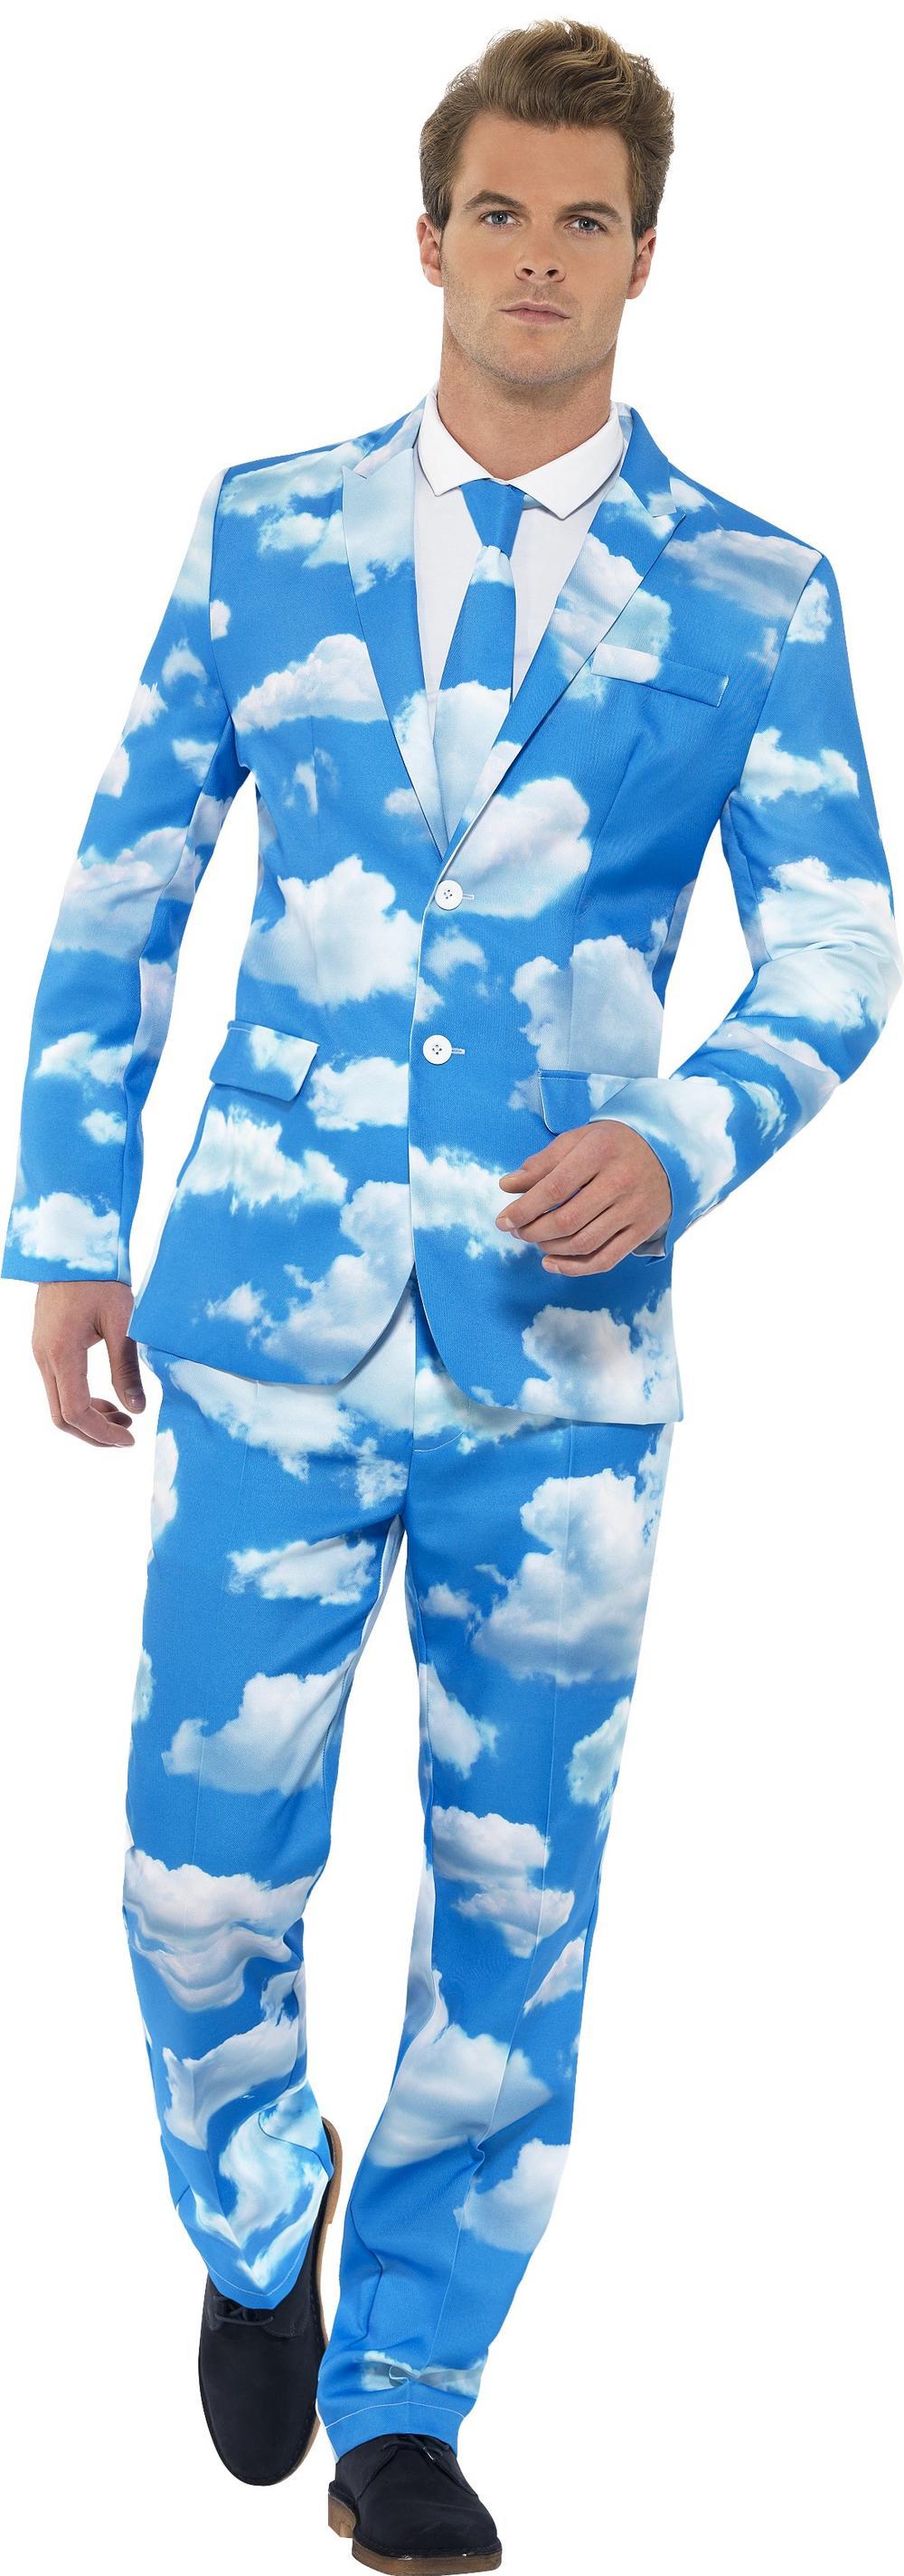 Sky High Suit Costume